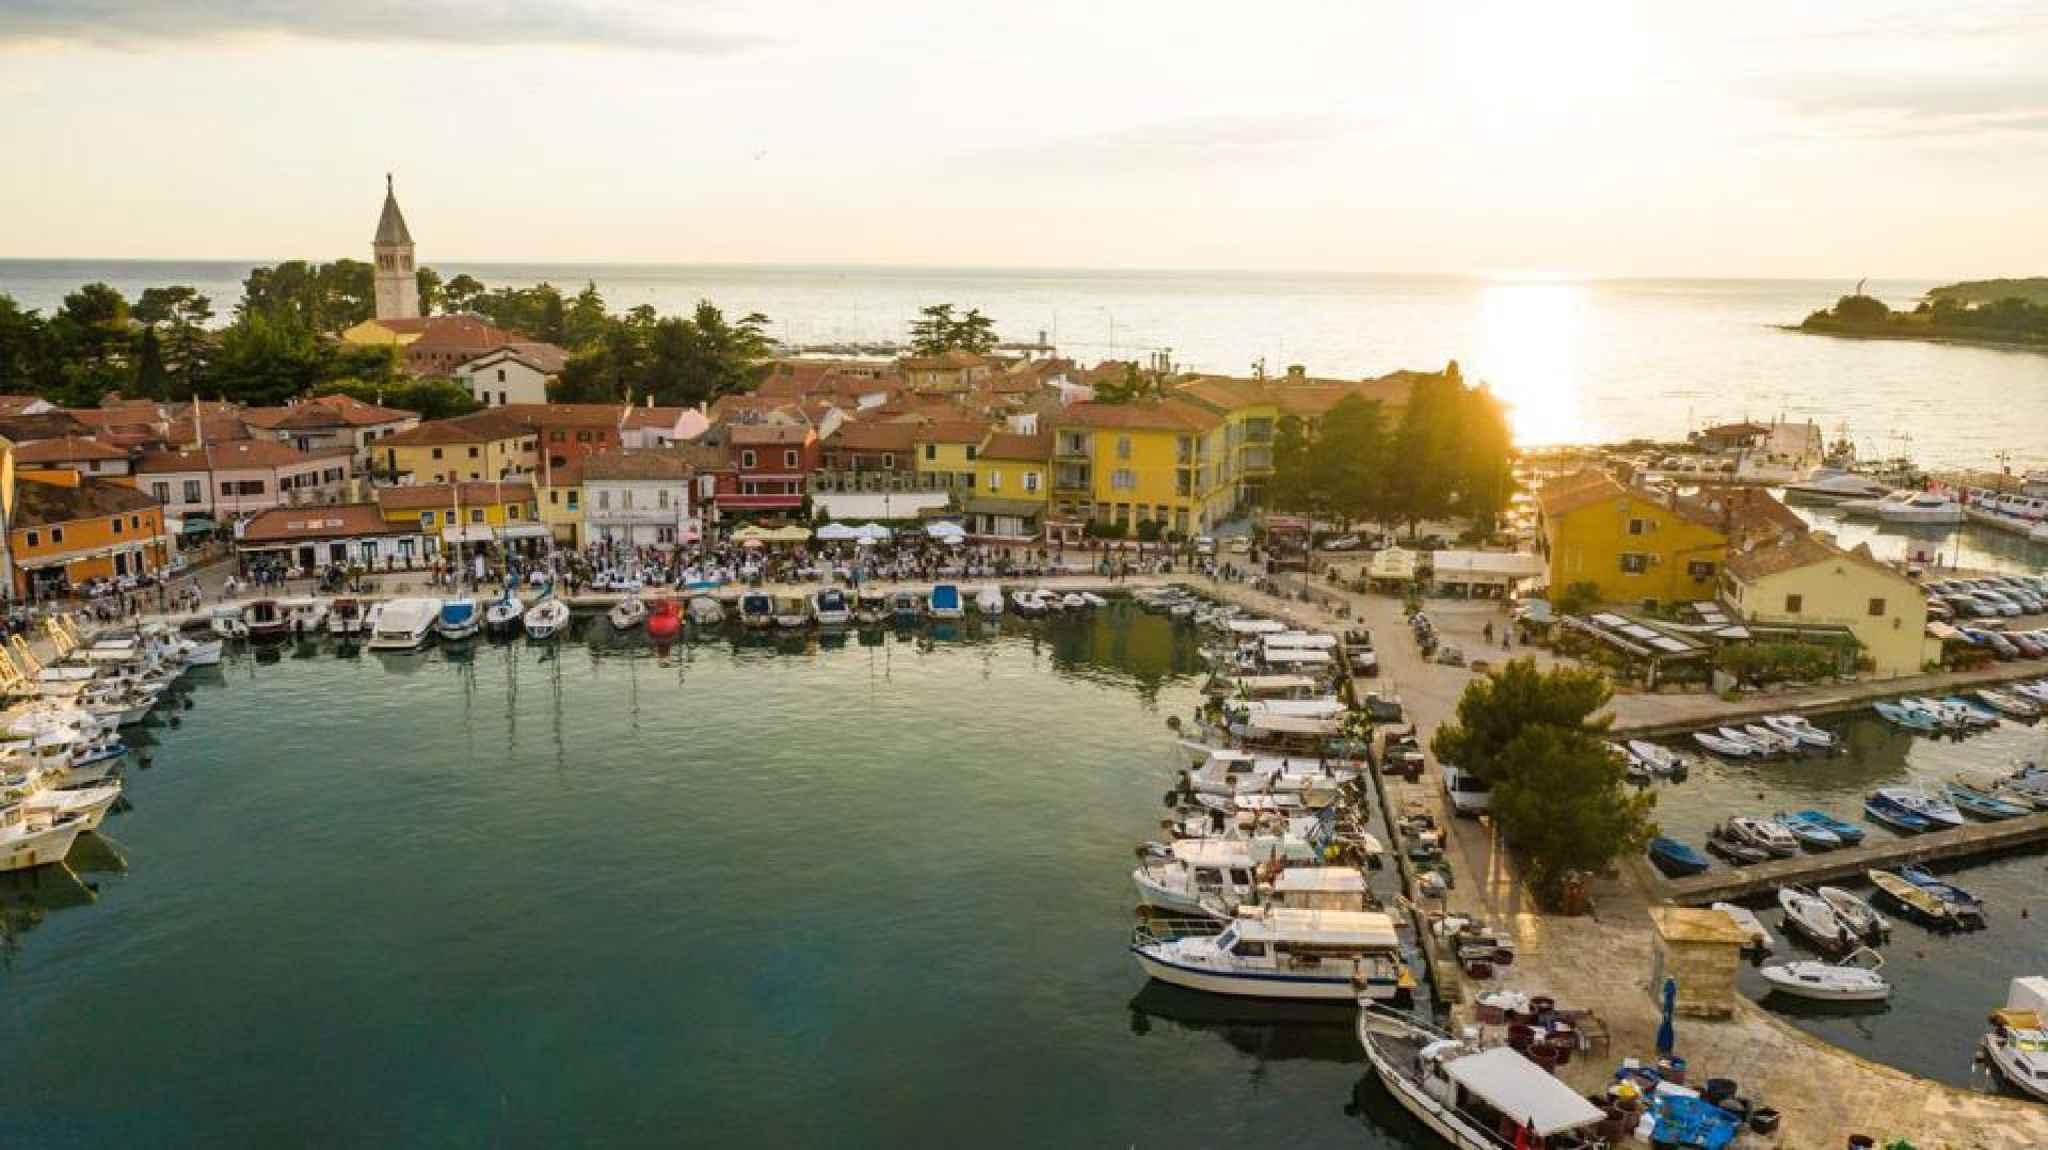 Ferienwohnung nur 50 m zur Adria (278904), Zadar, , Dalmatien, Kroatien, Bild 32